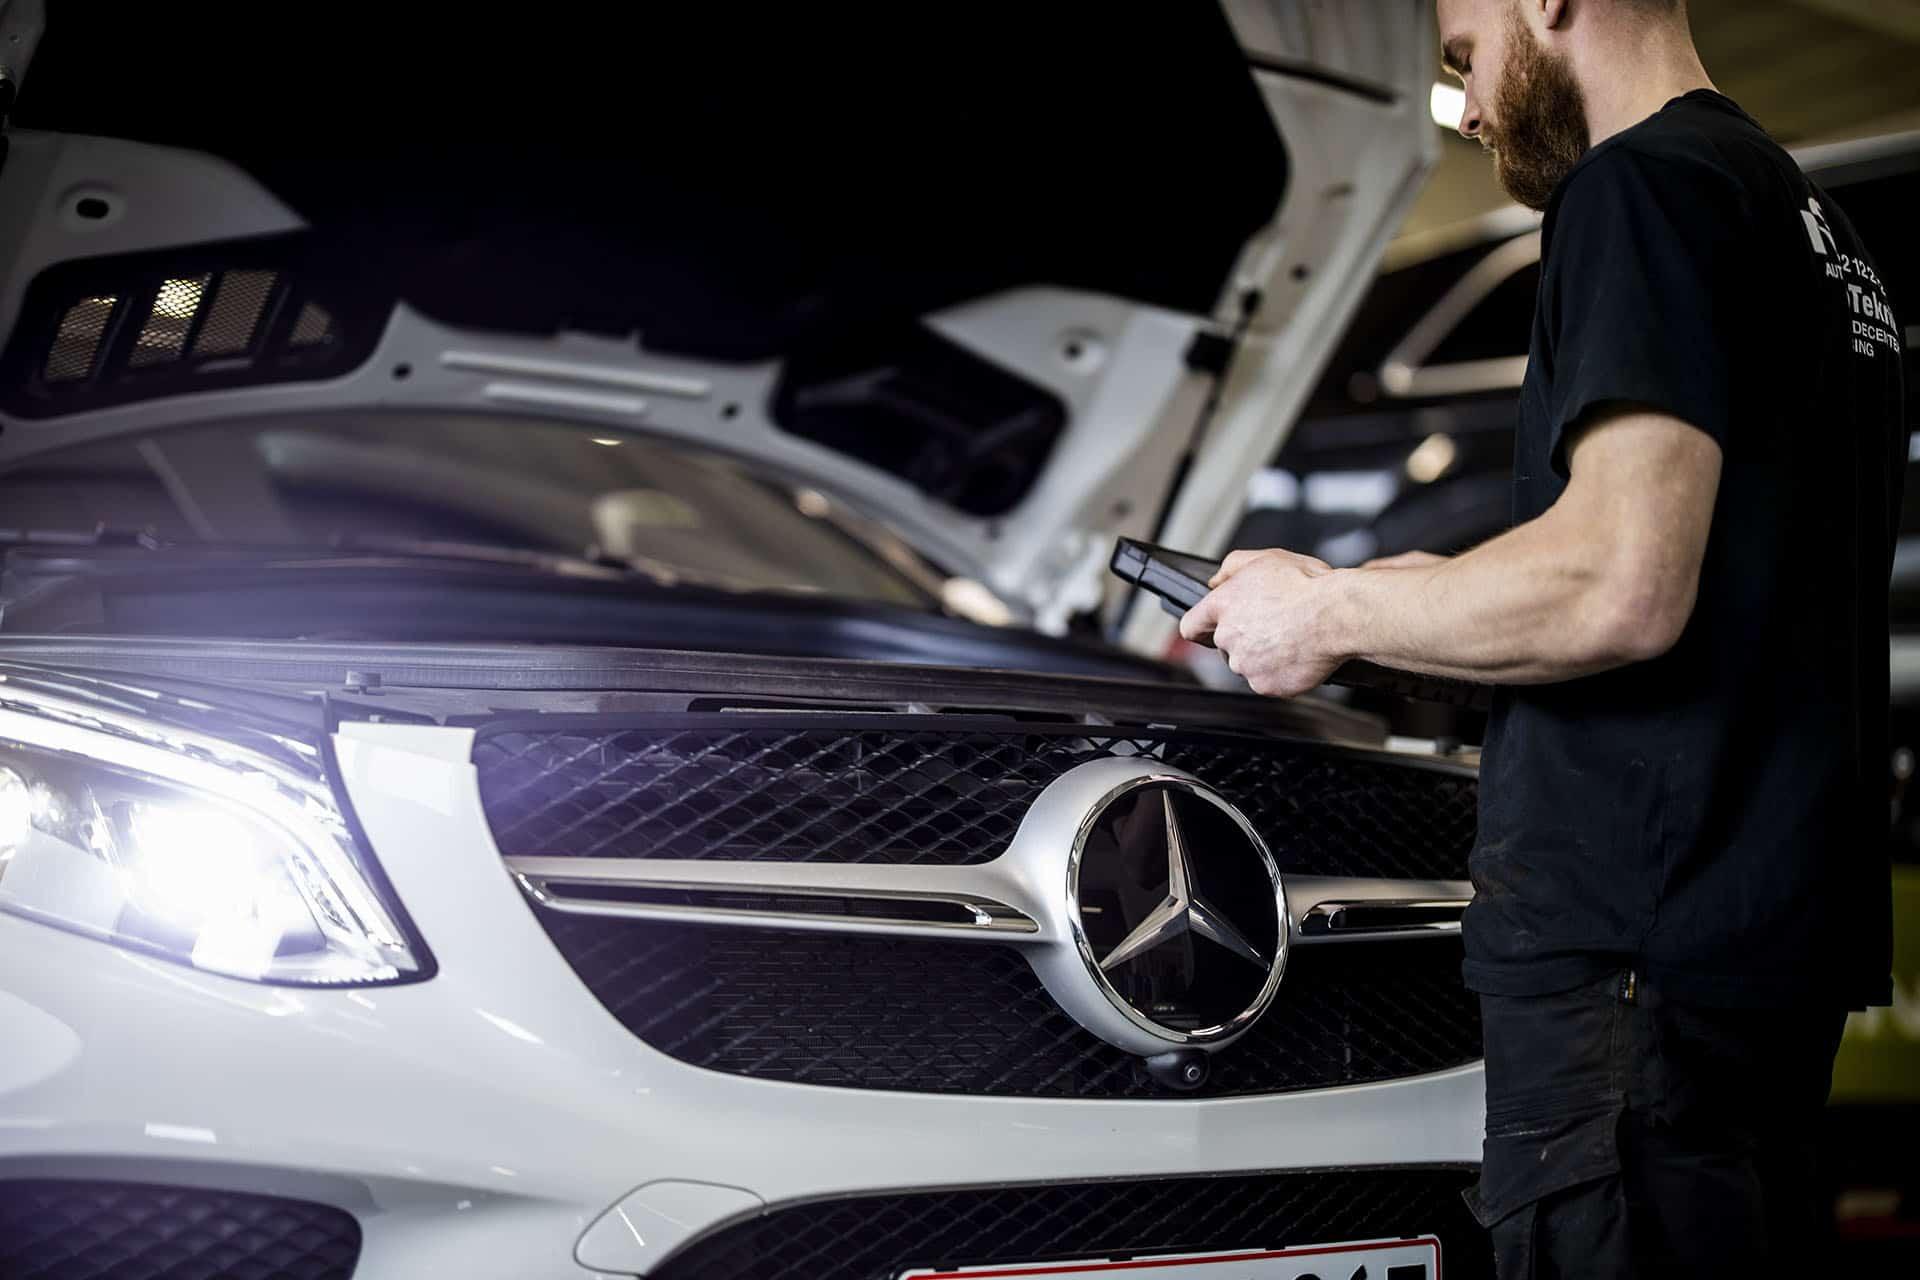 Test ved autoservice af bil